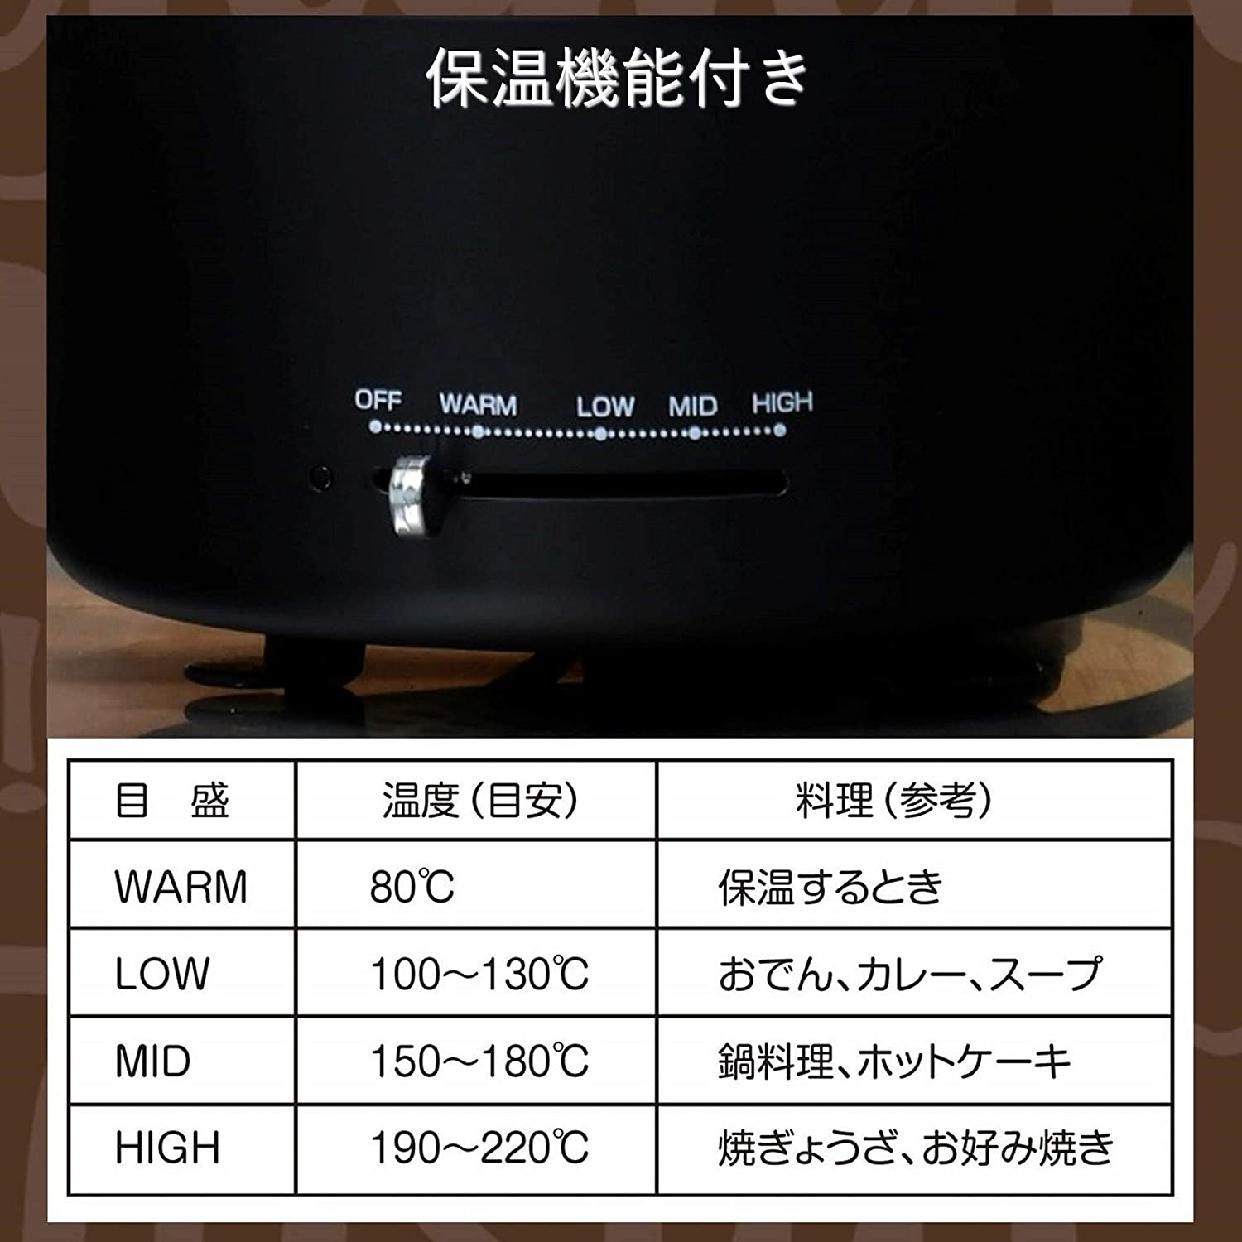 山善(YAMAZEN) 電気グリル鍋 EGD-D650(MB)の商品画像4